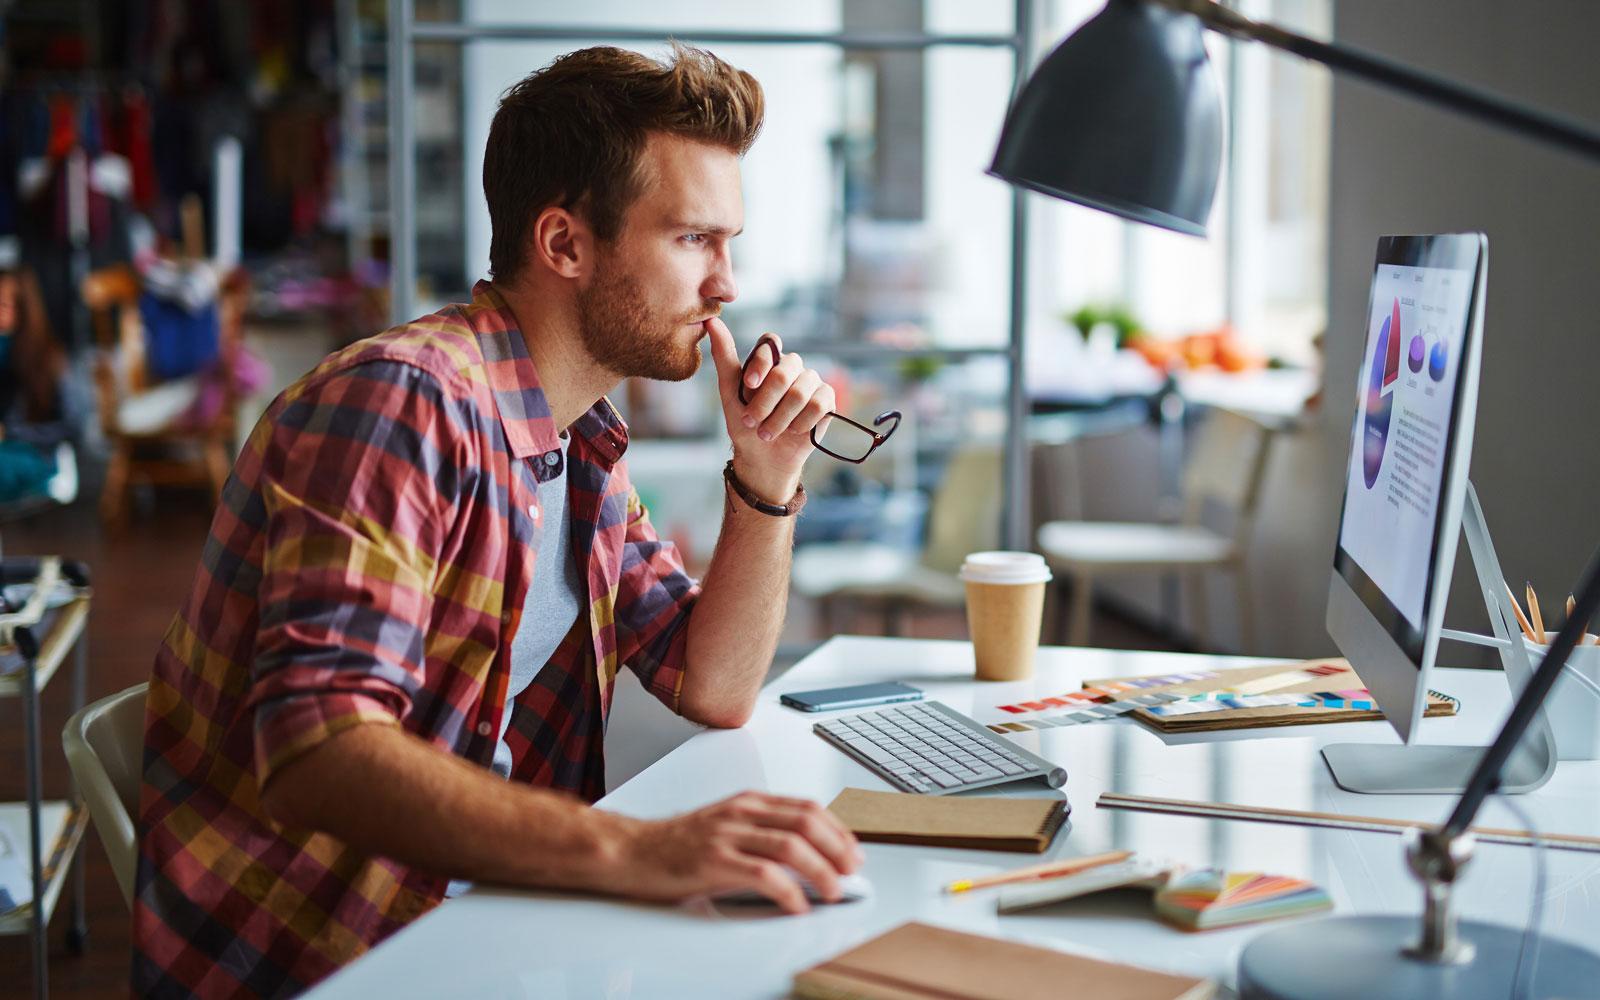 Designer working at his desk